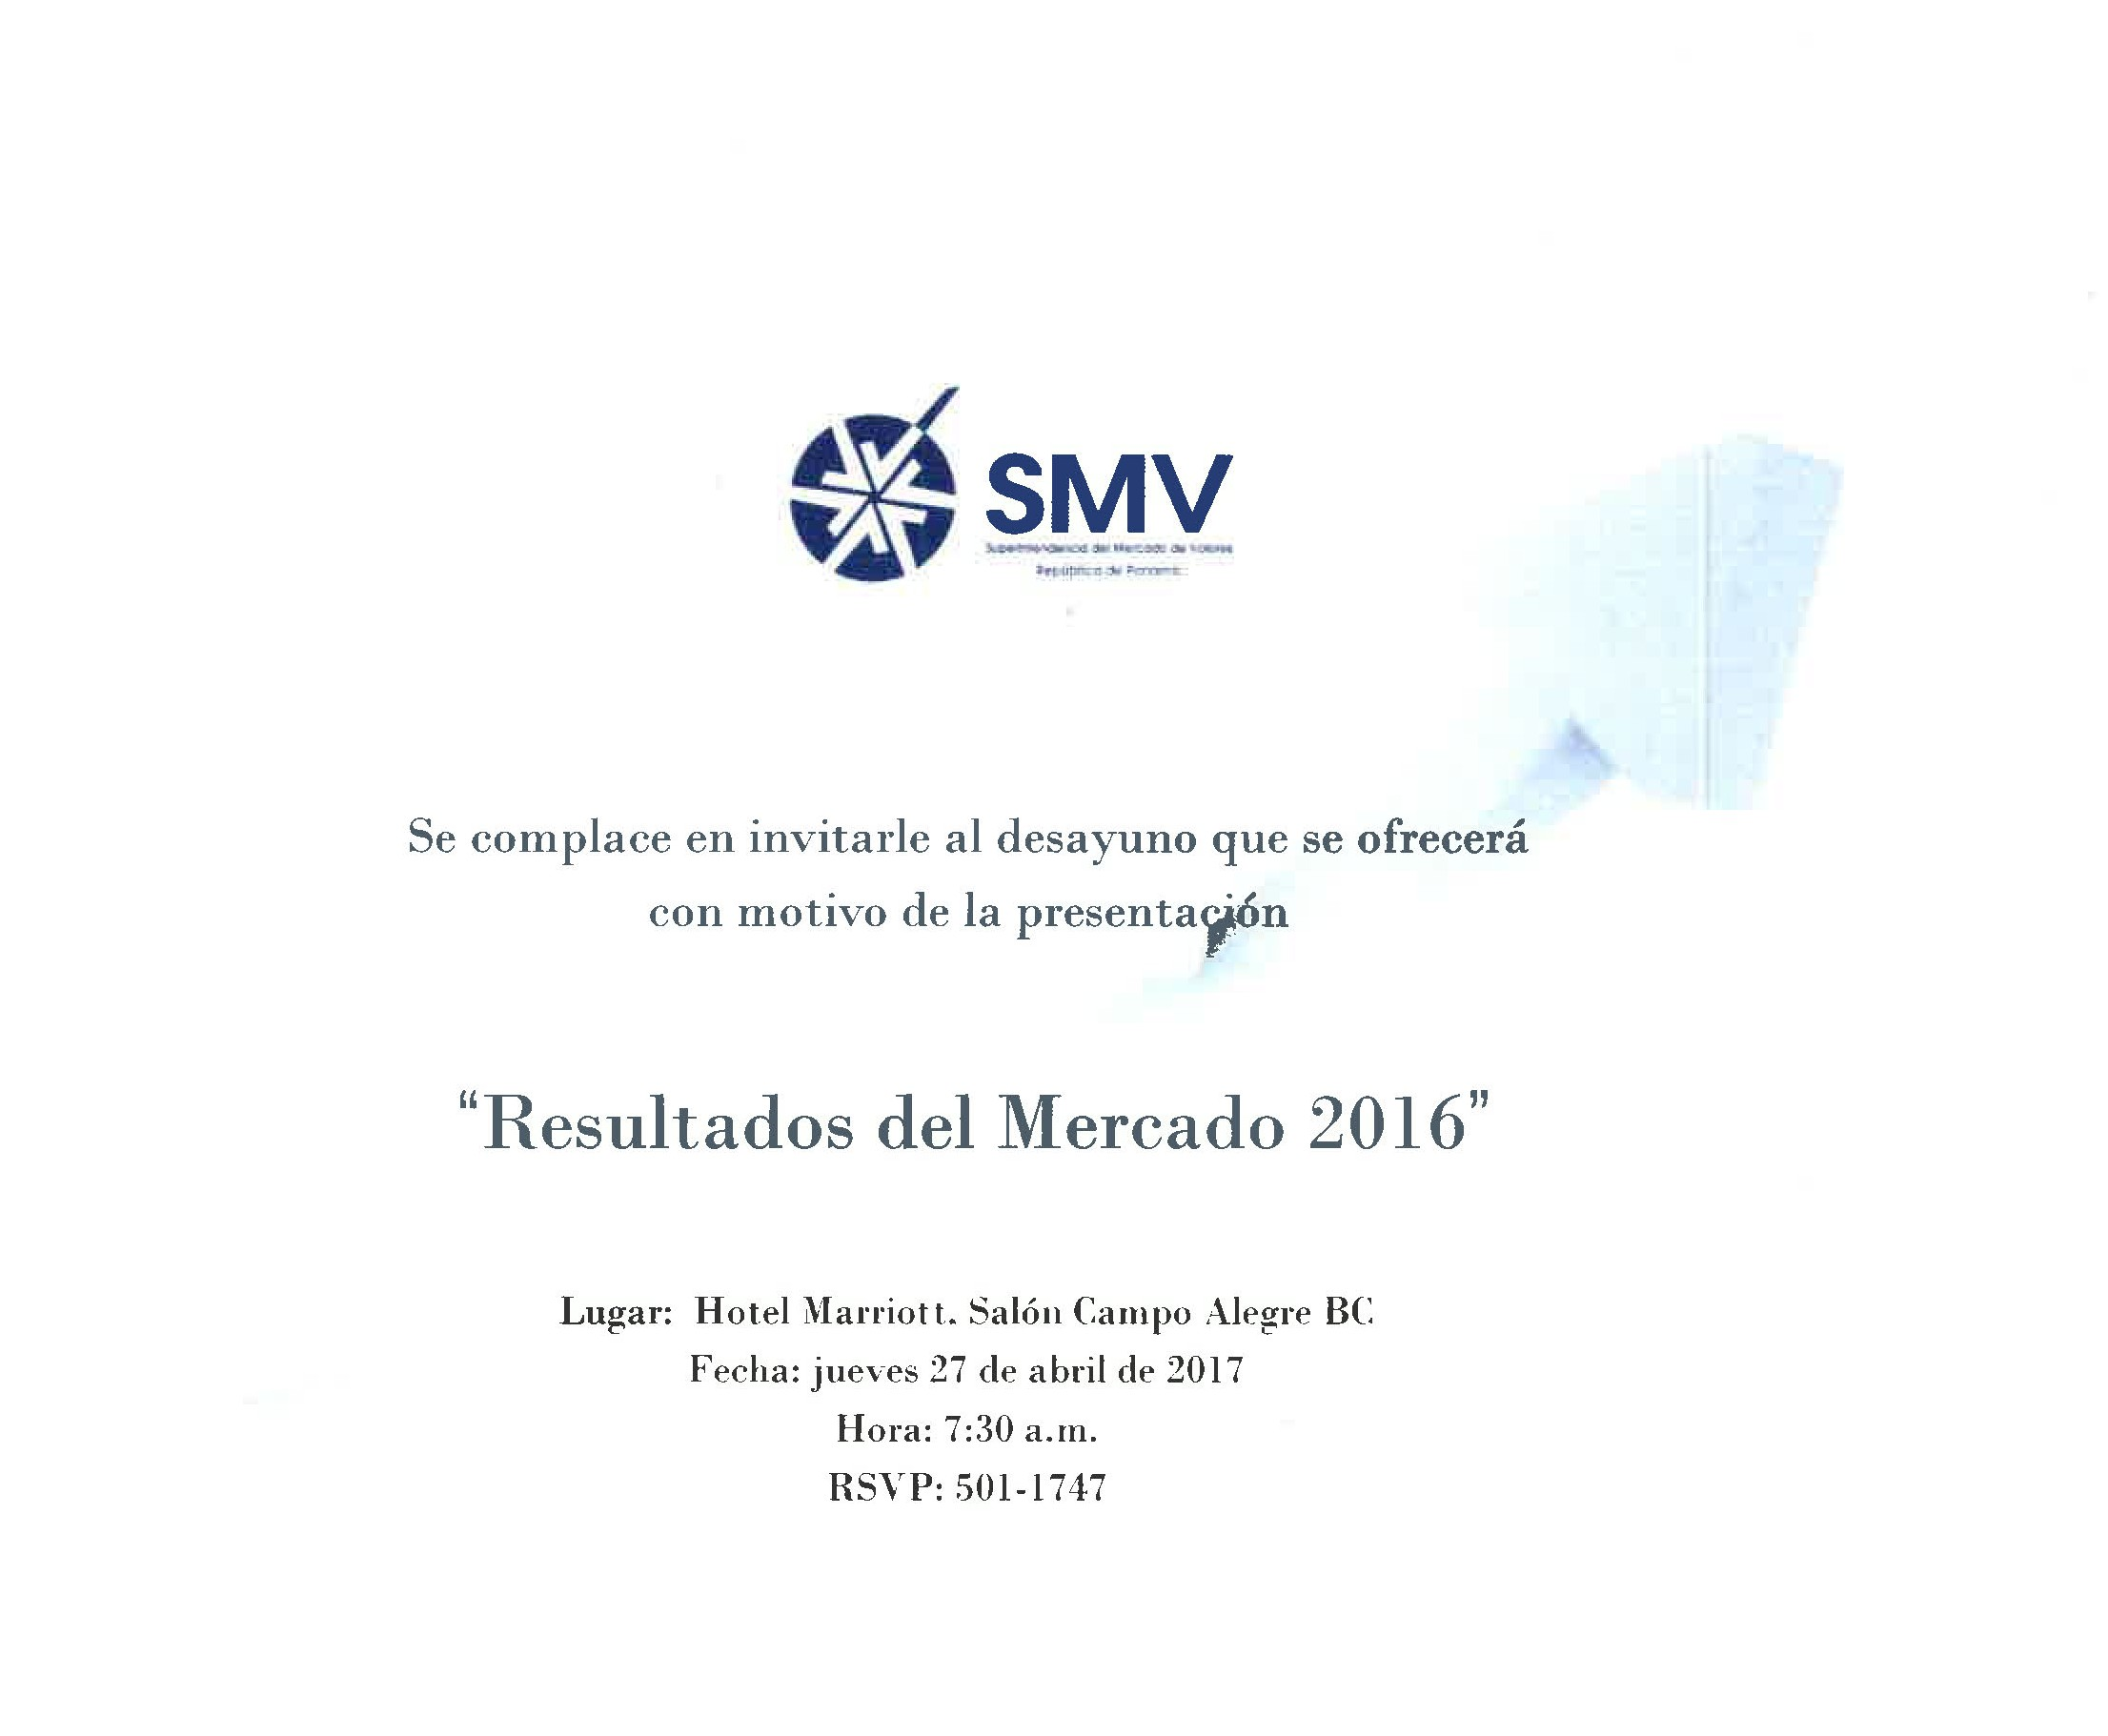 Invitacion SMV